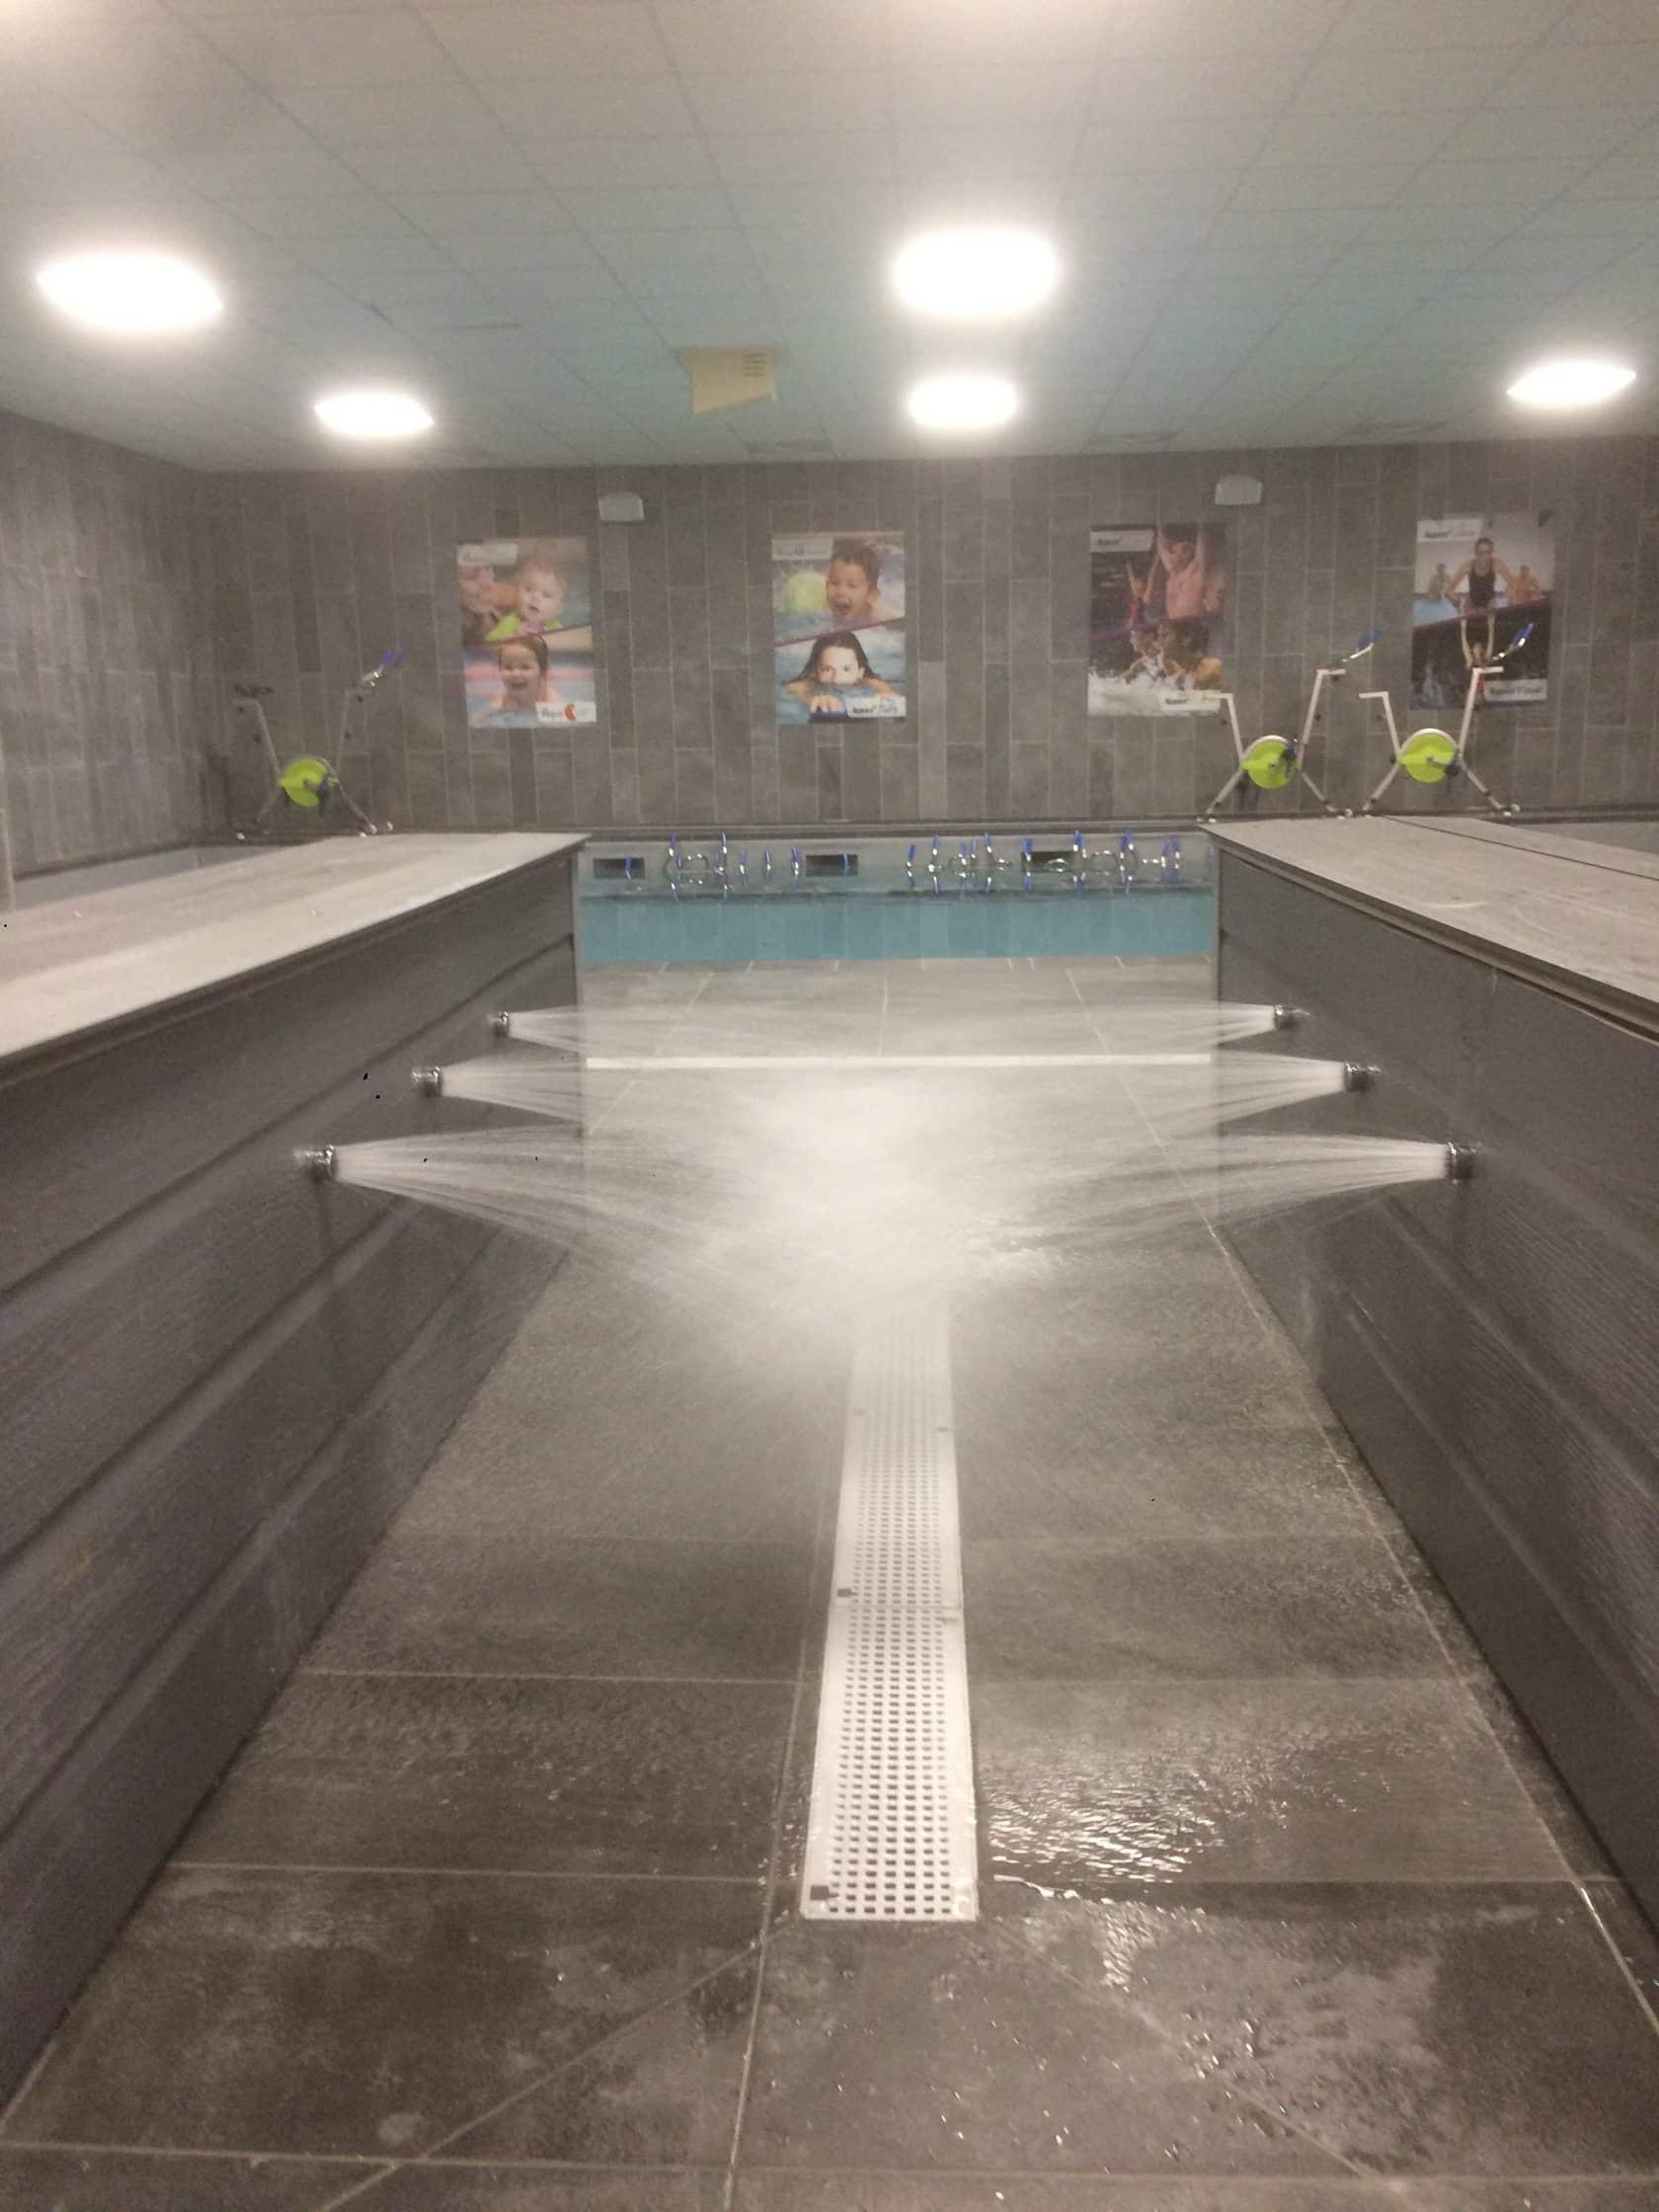 Pédiluve Par Aspersion Dans Un Centre Aquabike - Swimform encequiconcerne Pédiluve Piscine